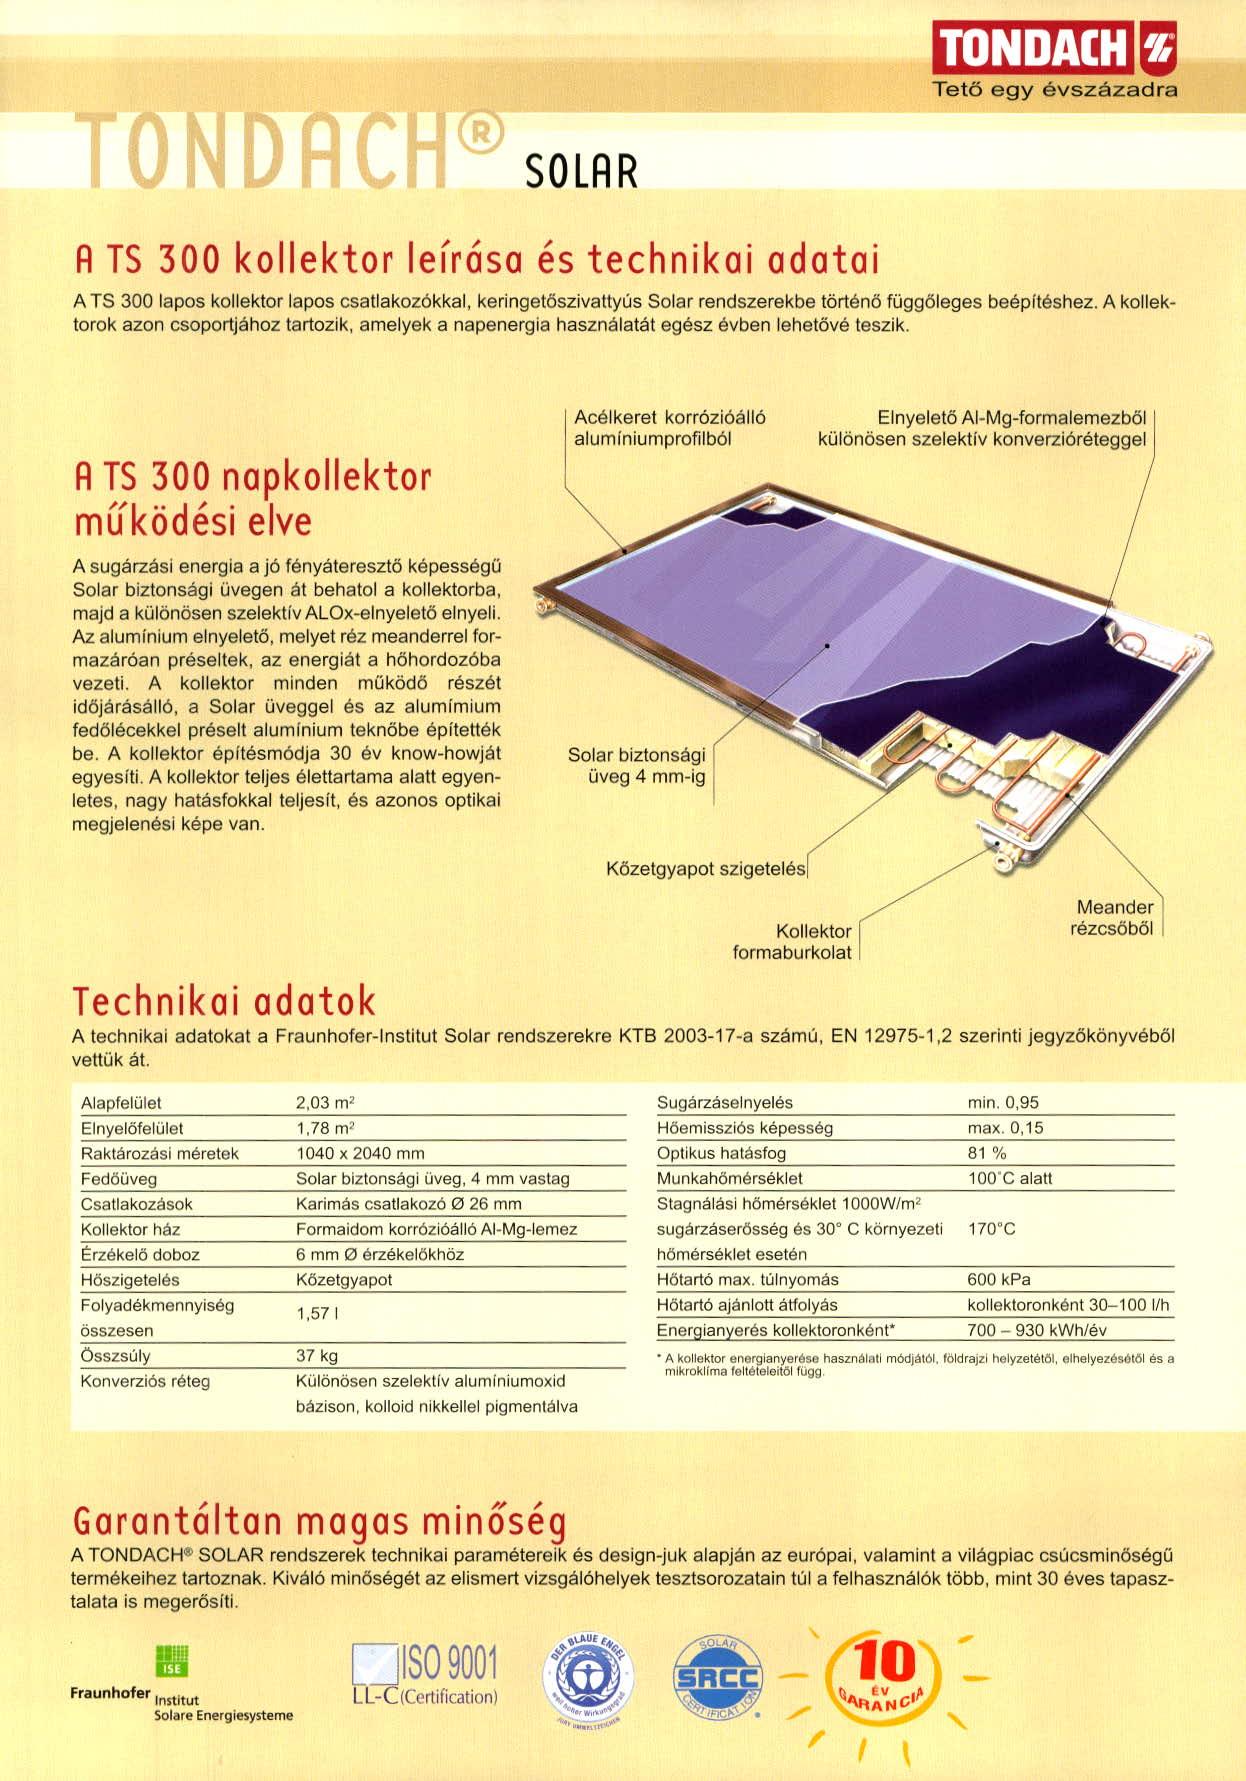 Tondach Solar Naptető